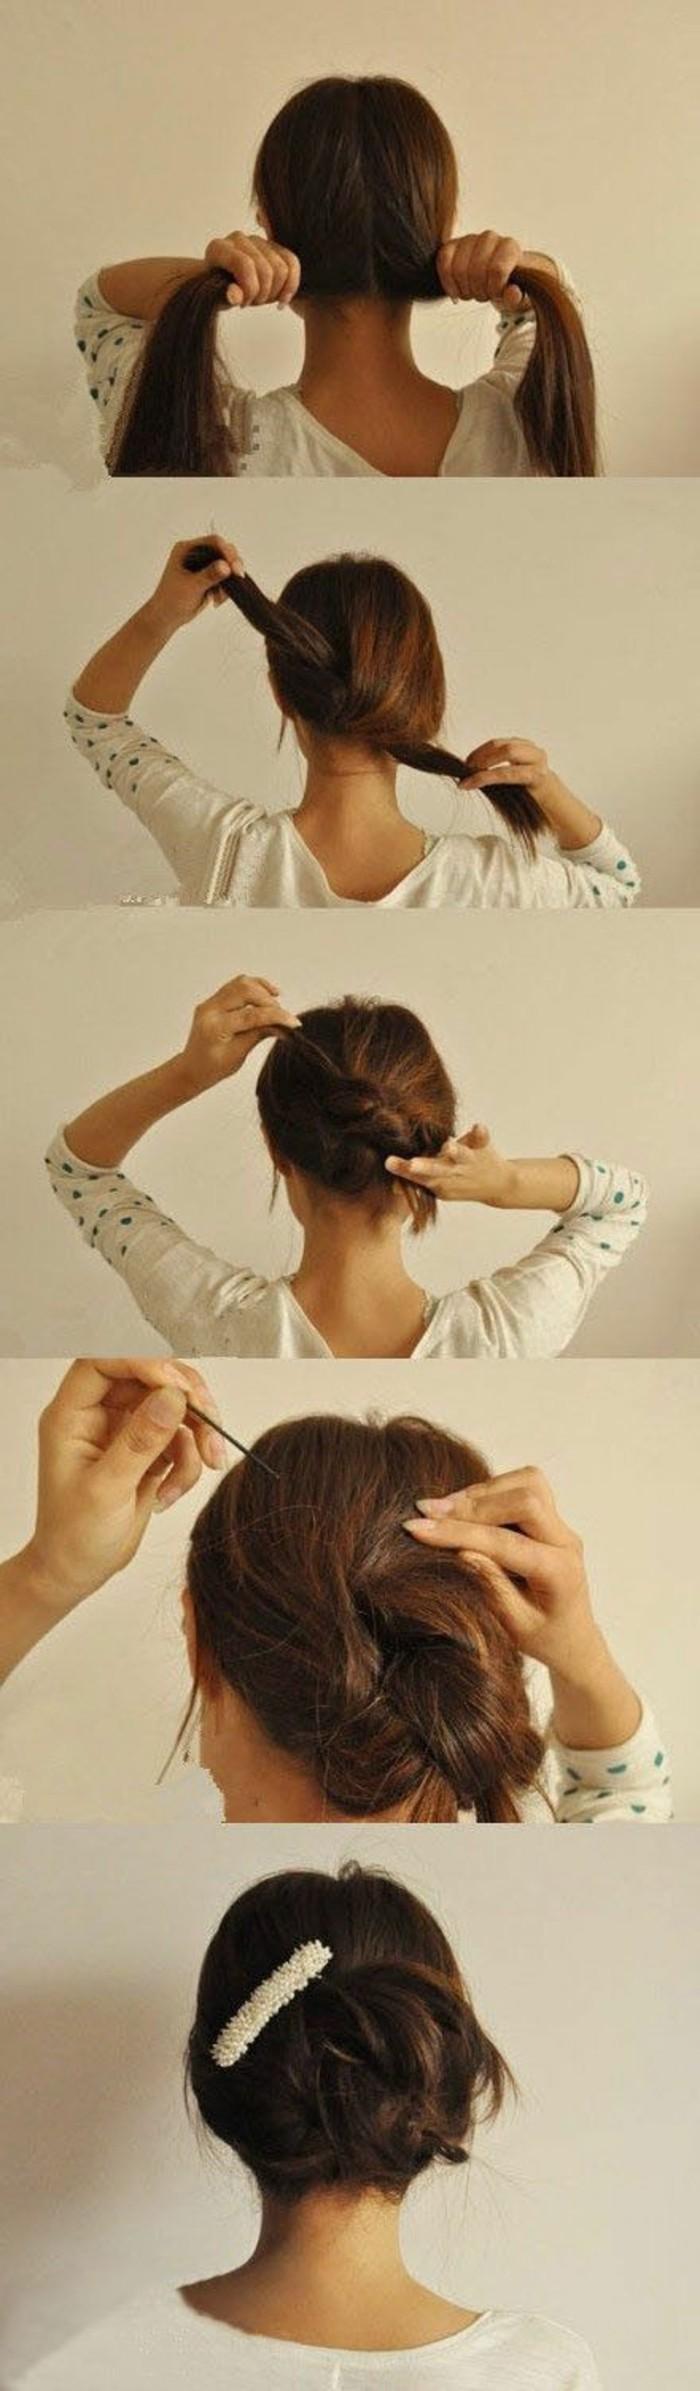 Schnelle-Frisuren-für-den-Alltag-einige-Minuten-lang